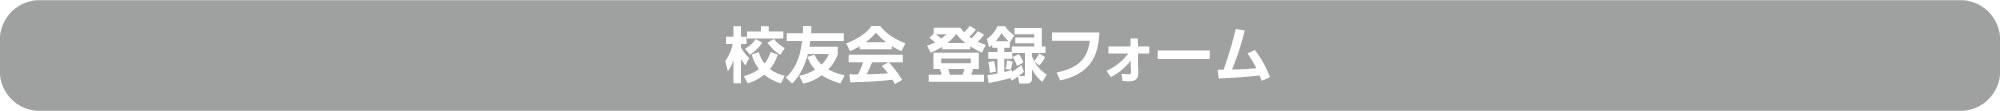 校友会登録フォーム